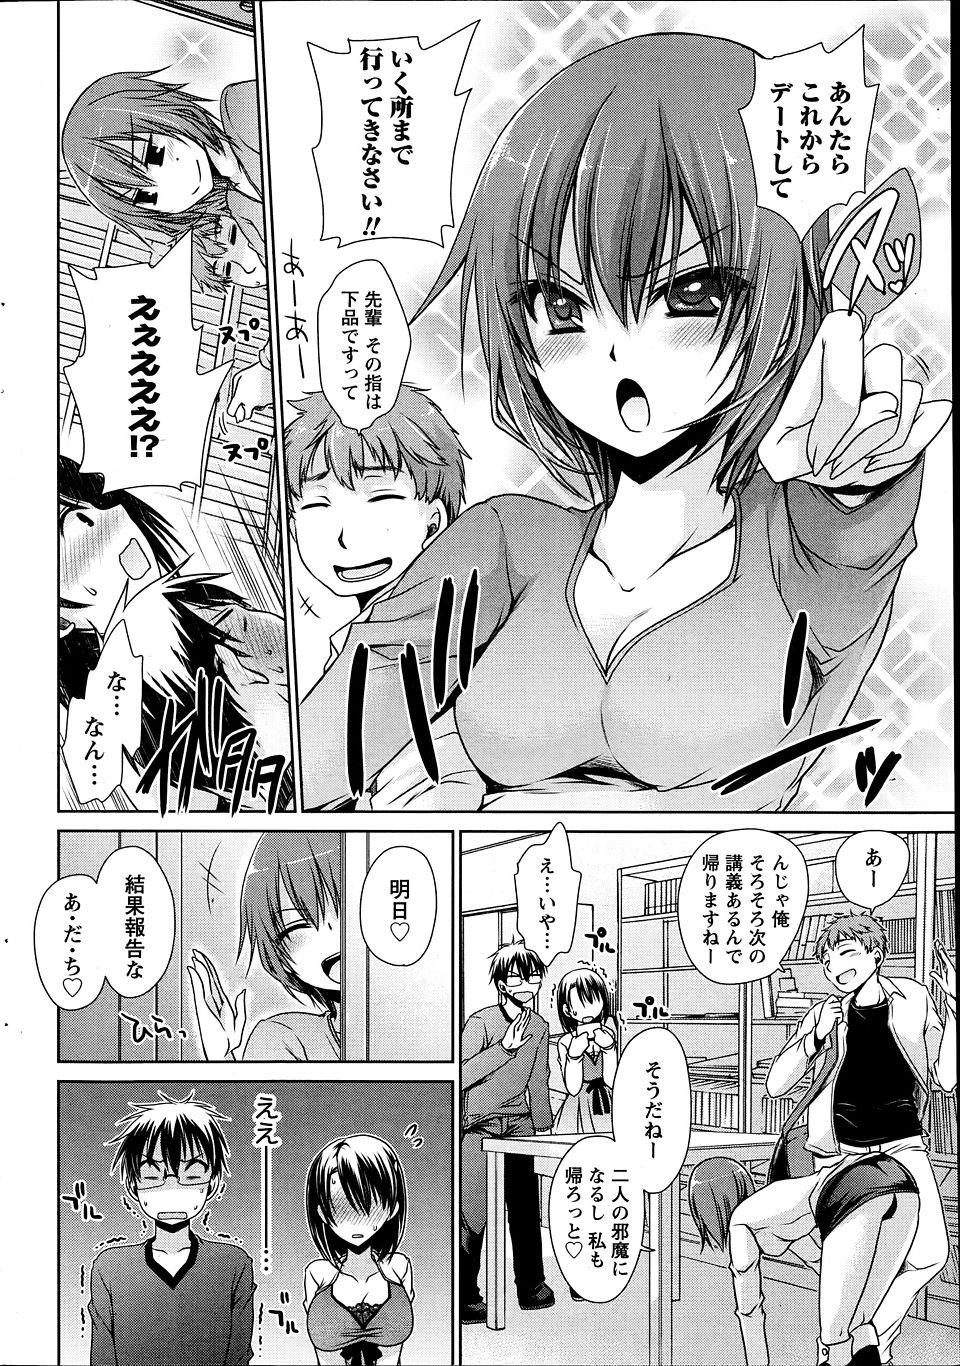 【エロ漫画・エロ同人】好きだった巨乳娘と付き合うようになってドキドキ初エッチwww (6)